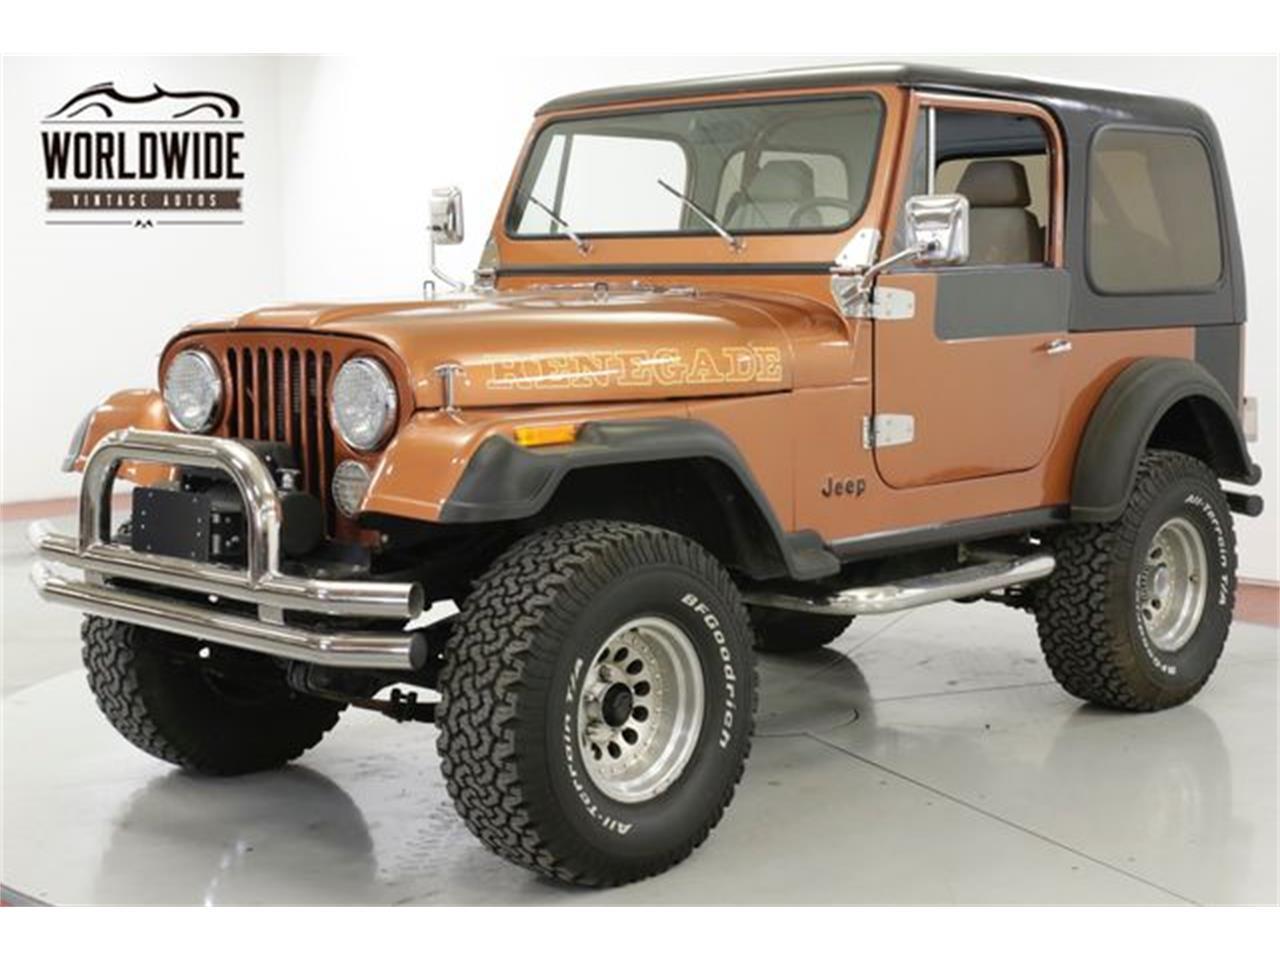 for sale 1981 jeep cj7 in denver , colorado cars - denver, co at geebo